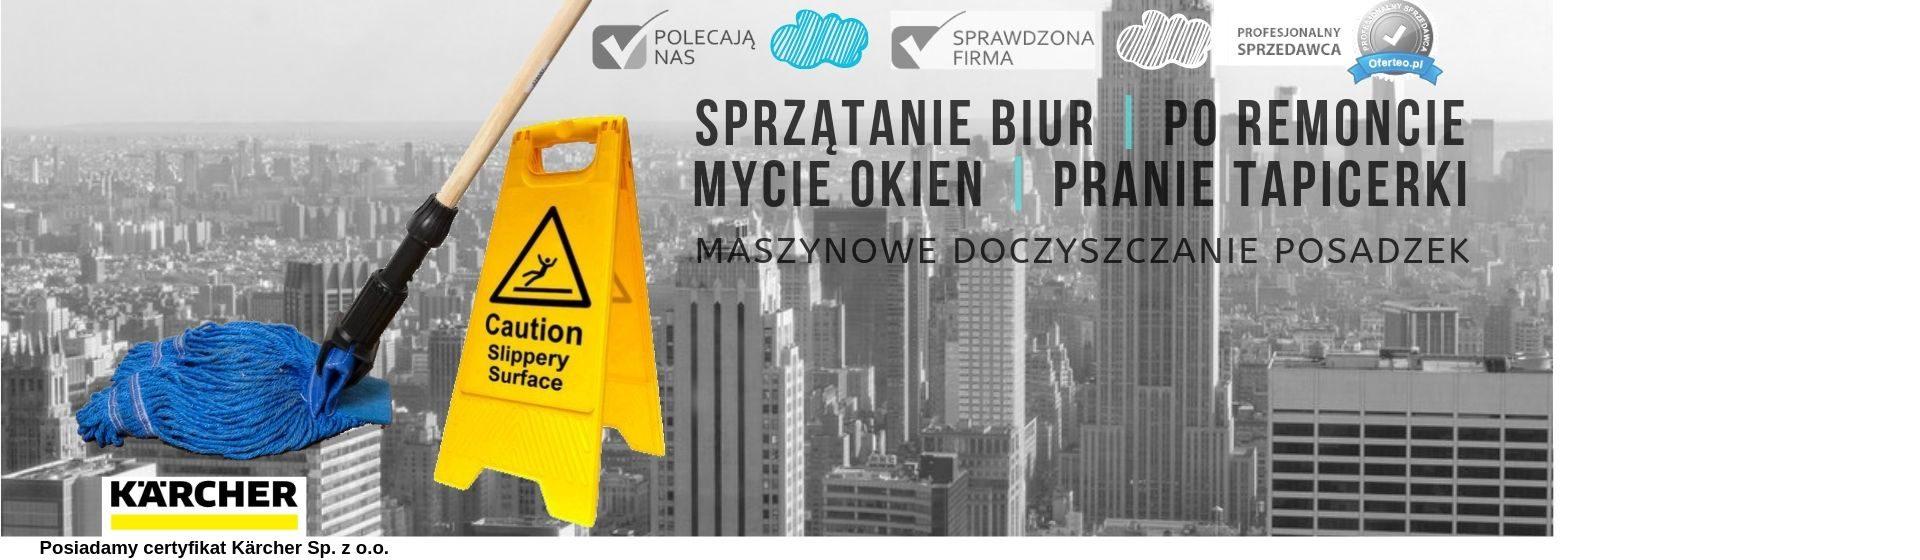 Efekt Center - Firma sprzątająca Lublin | Sprzątanie biur Lublin